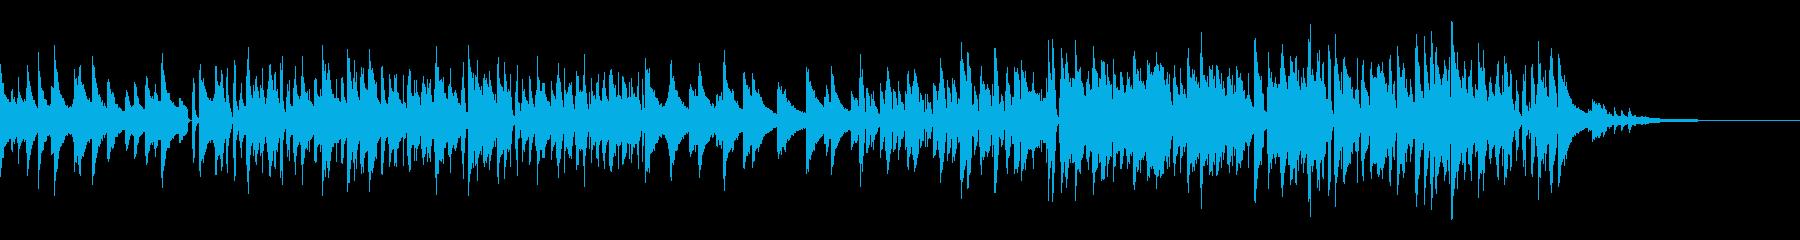 ピアノメインのJazzの再生済みの波形